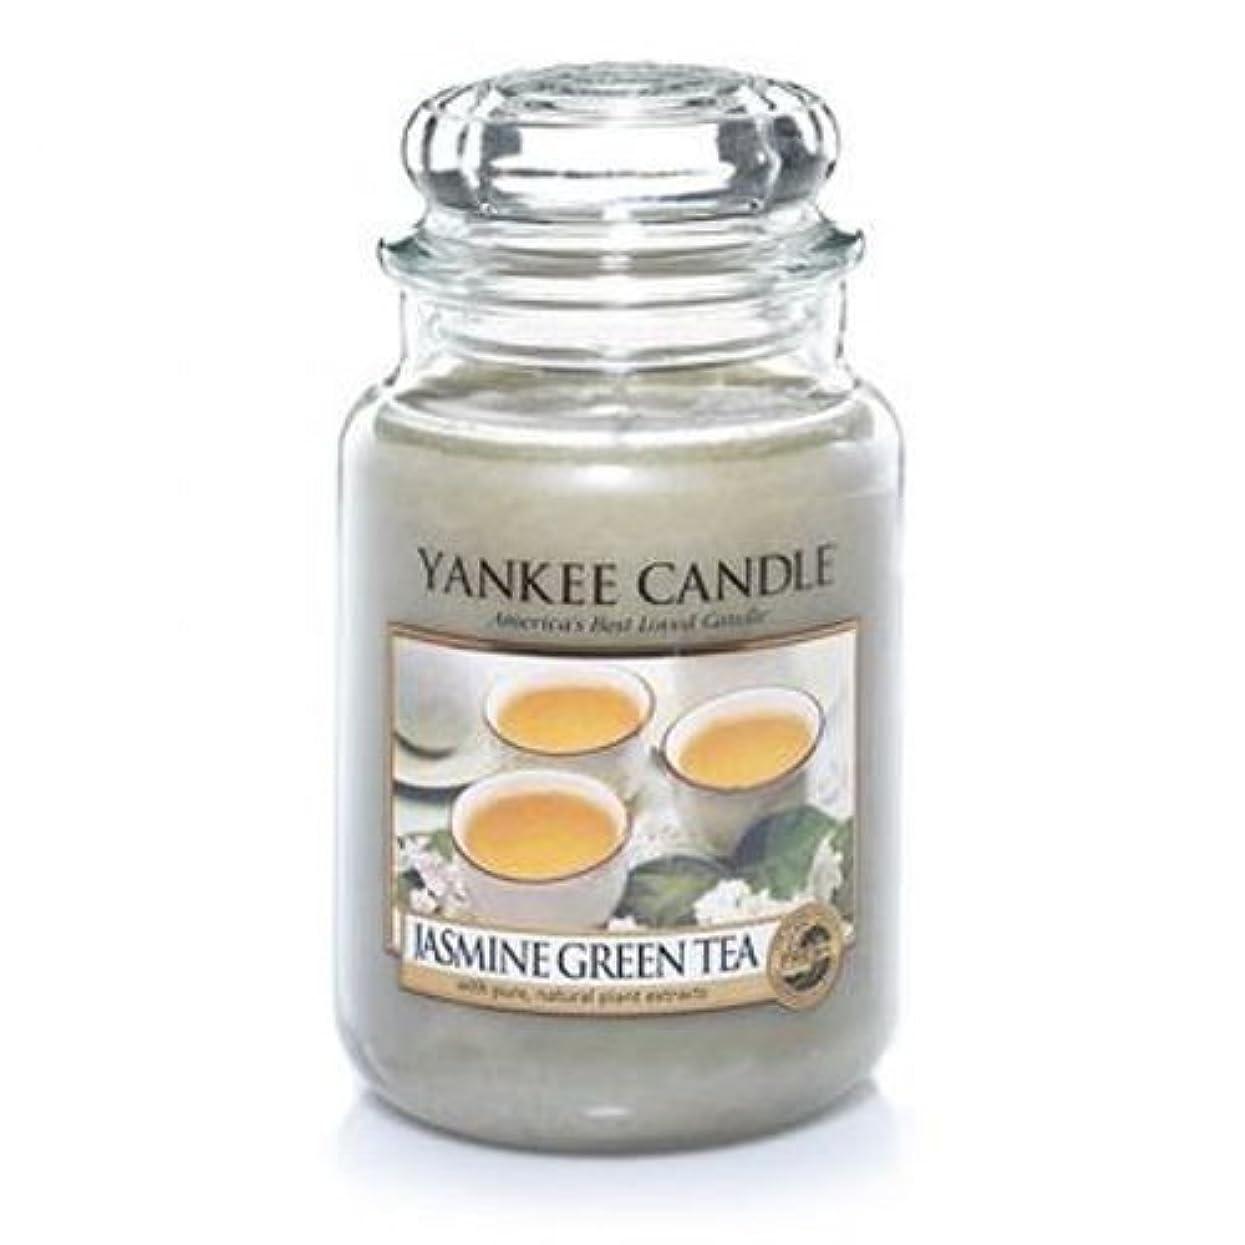 活性化する商品クルーズYankeeキャンドルジャスミングリーンティーLarge Jar Candle、新鮮な香り